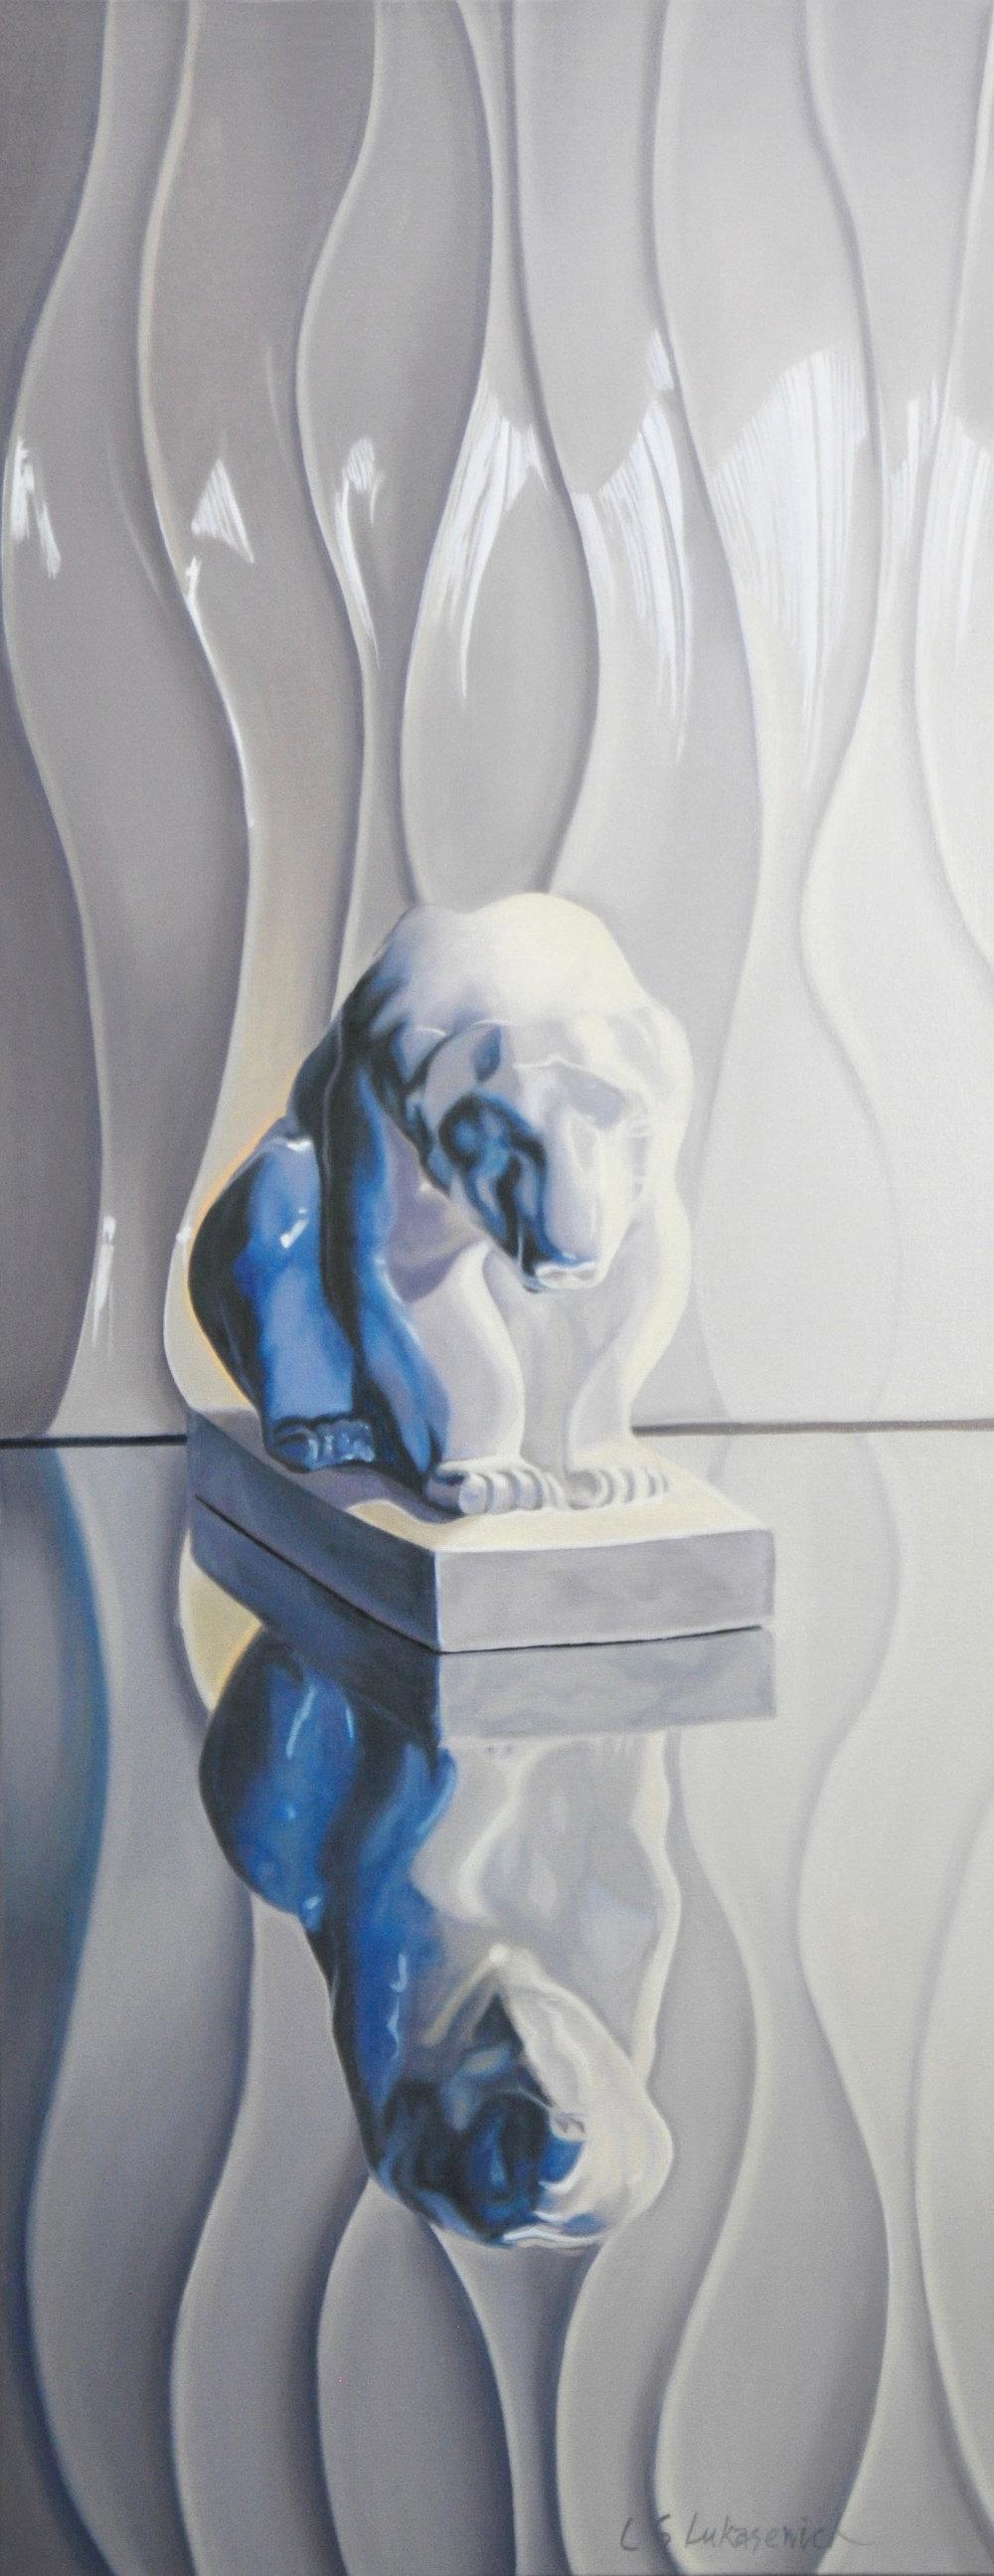 Polar Bear, oil & alkyd on canvas, 32 x 16 in.